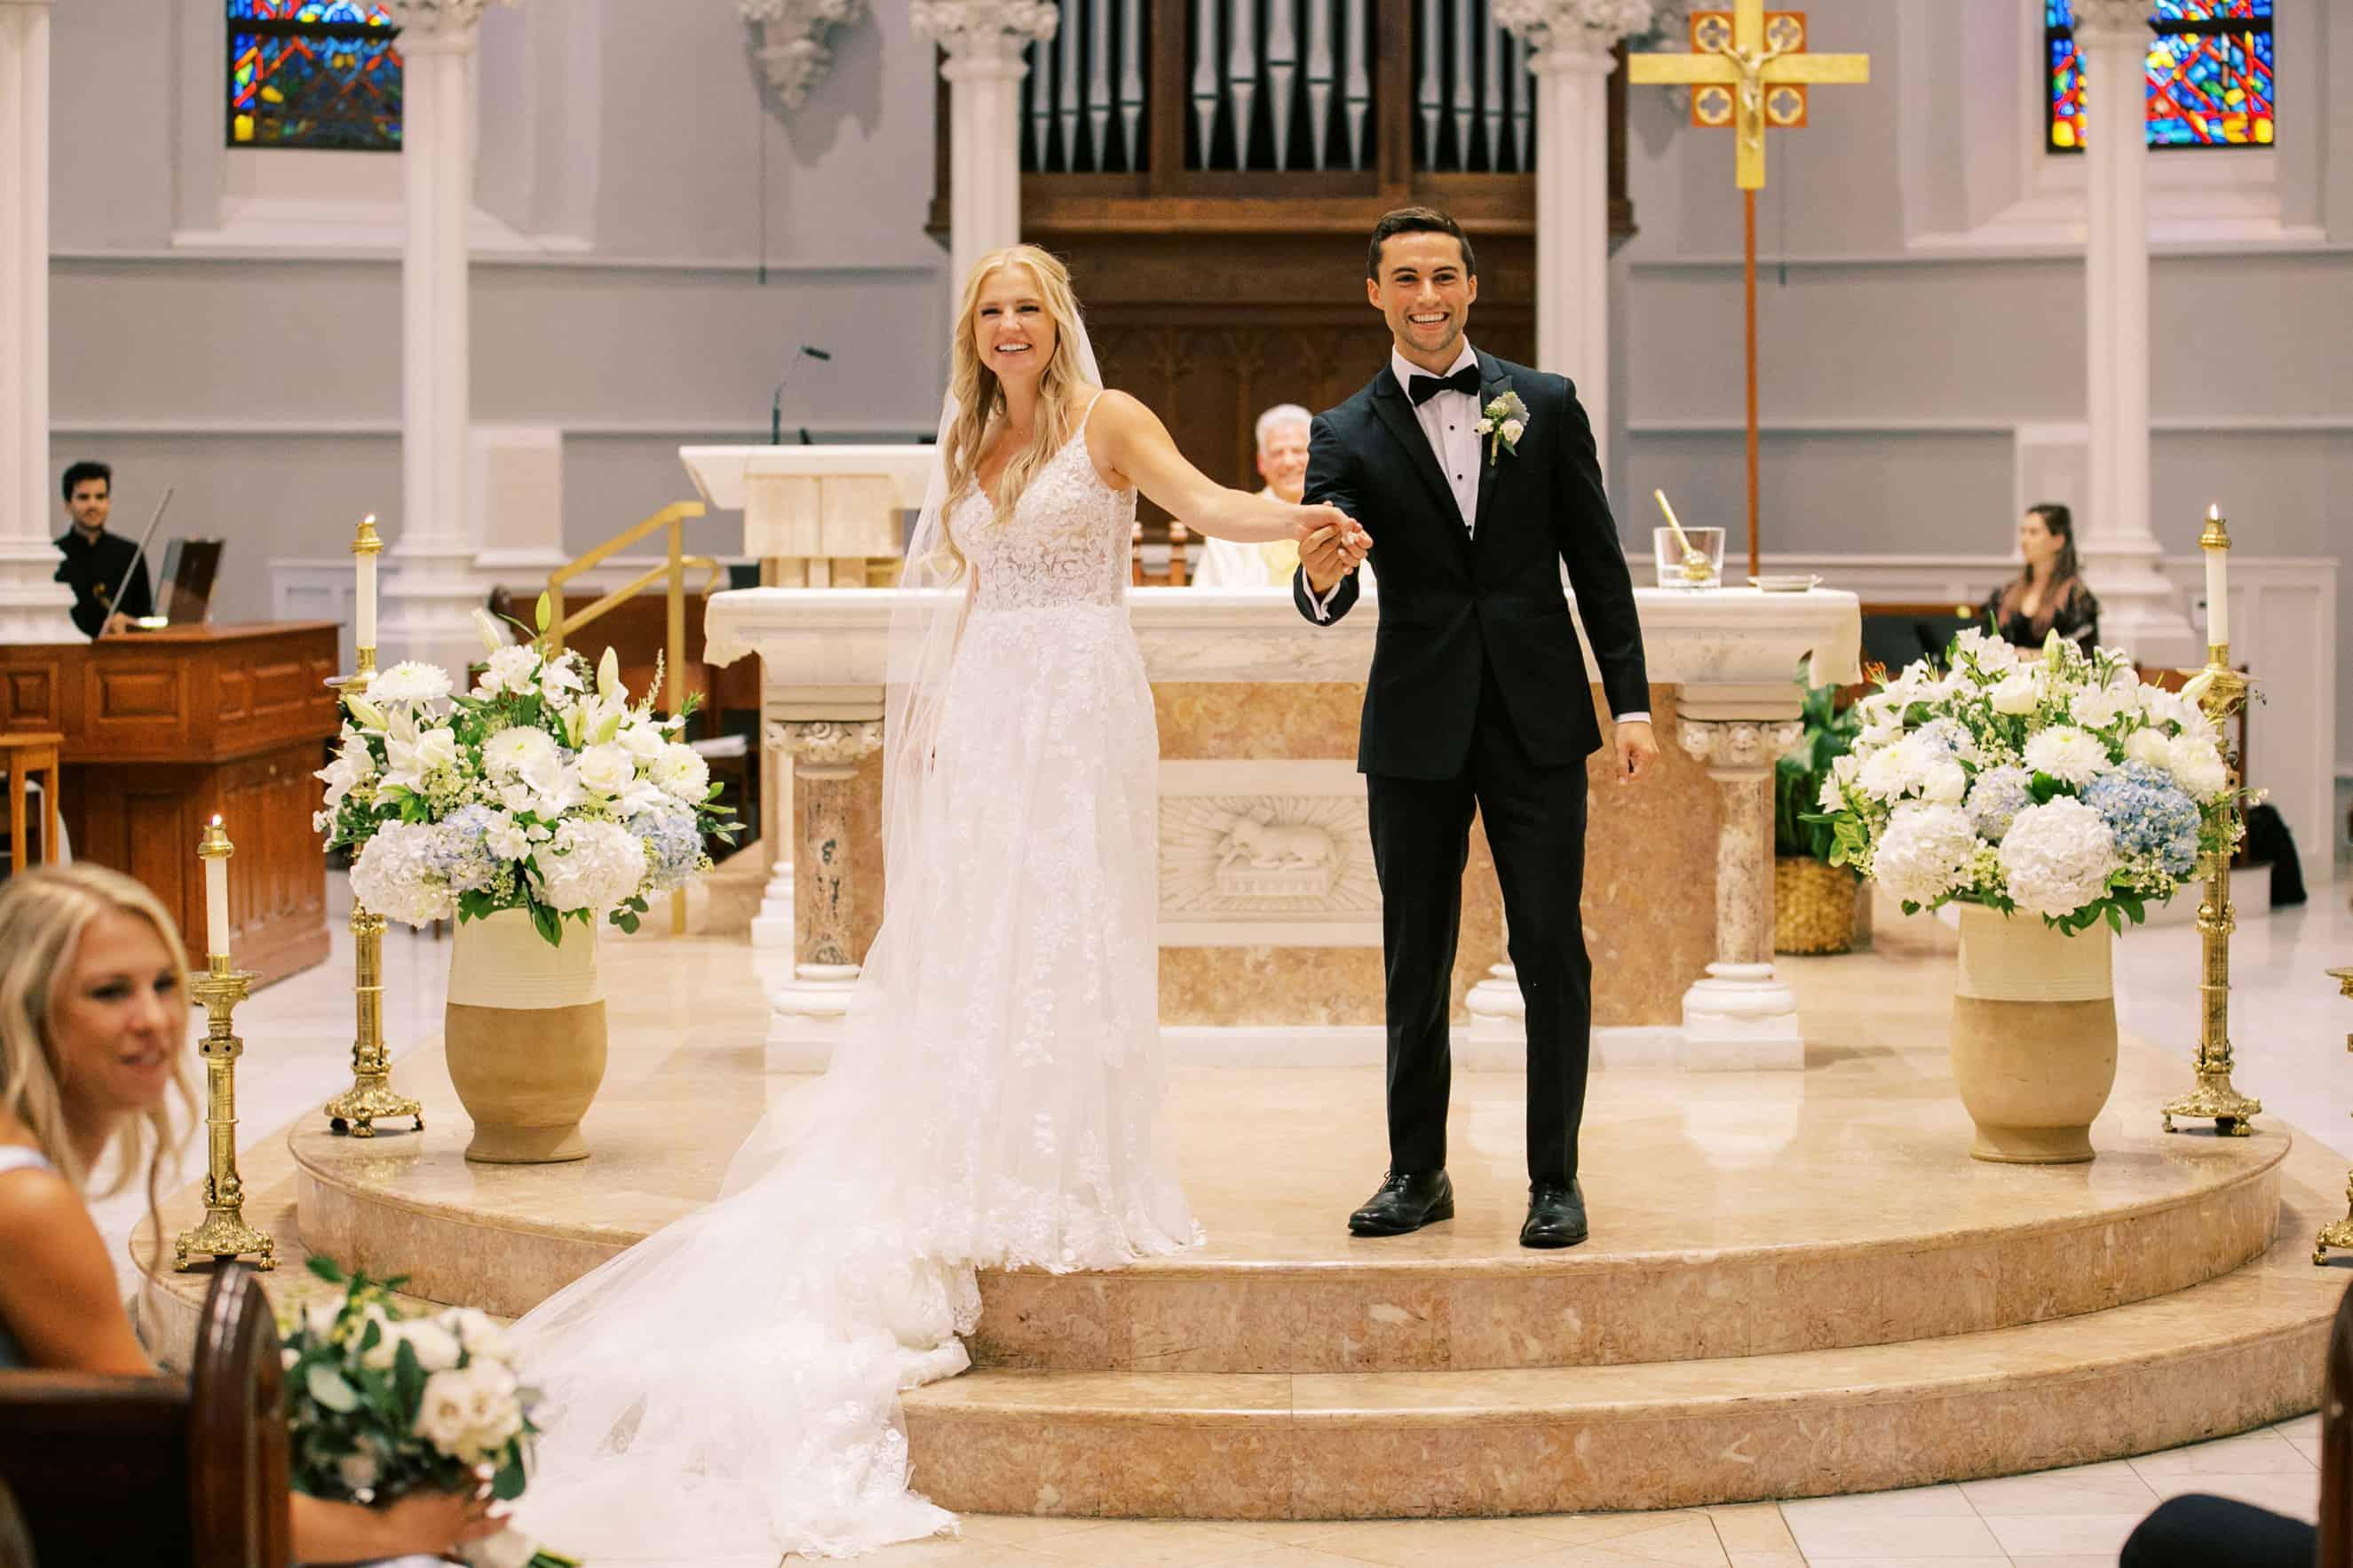 Villanova Wedding Locations